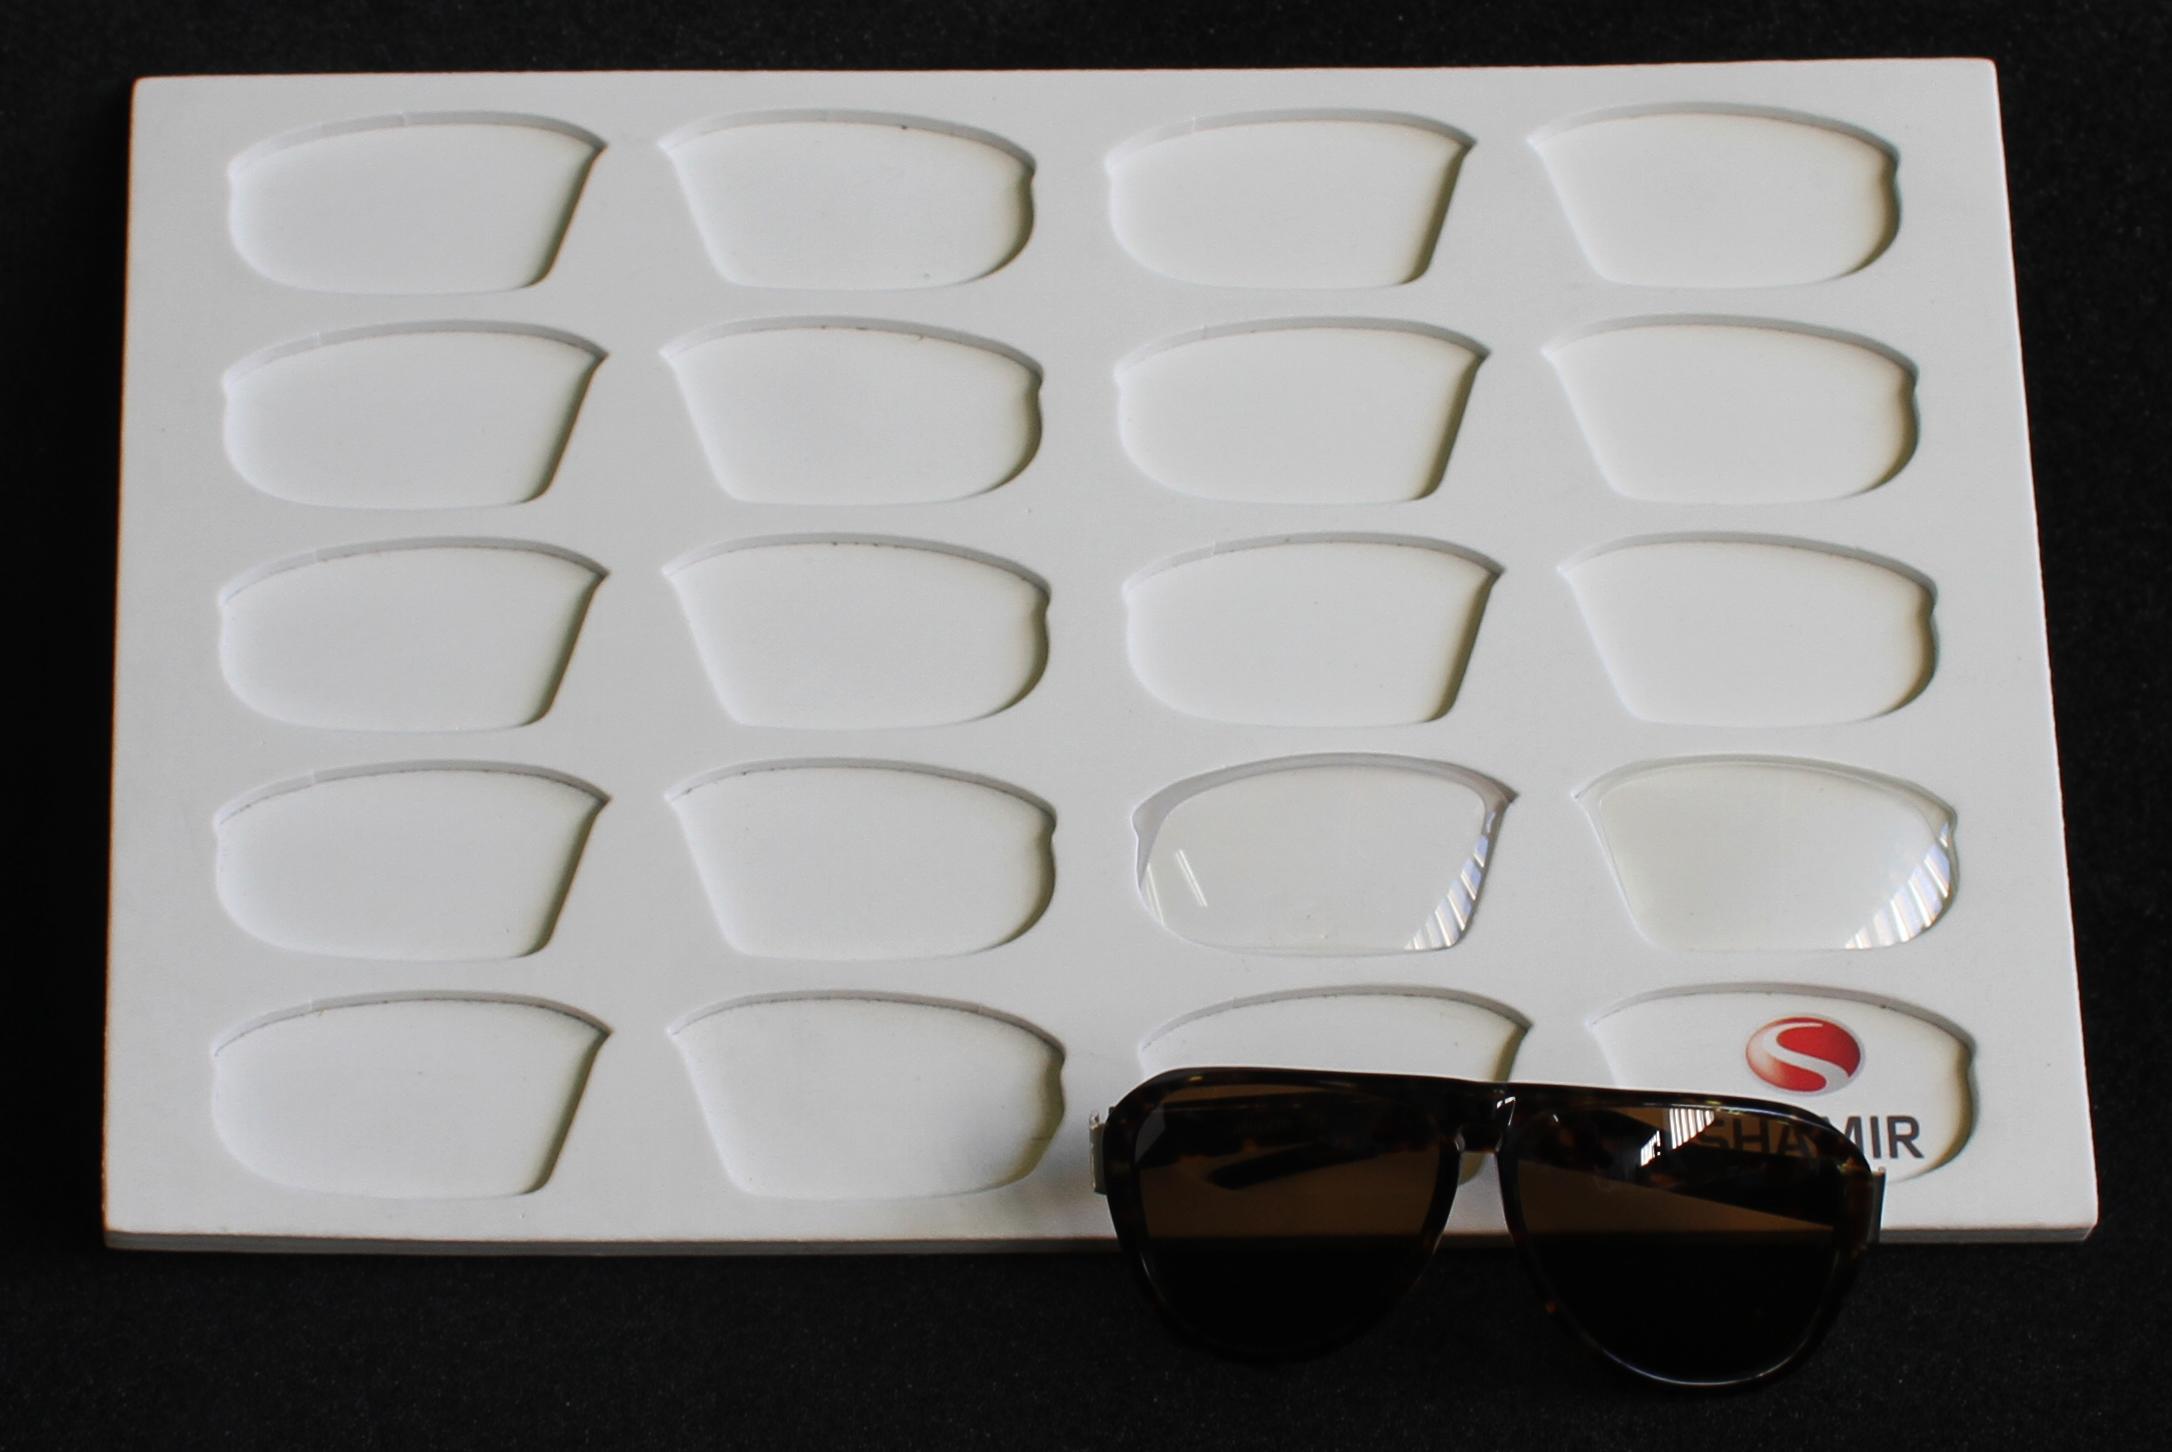 Embalagem para lentes de óculos Image